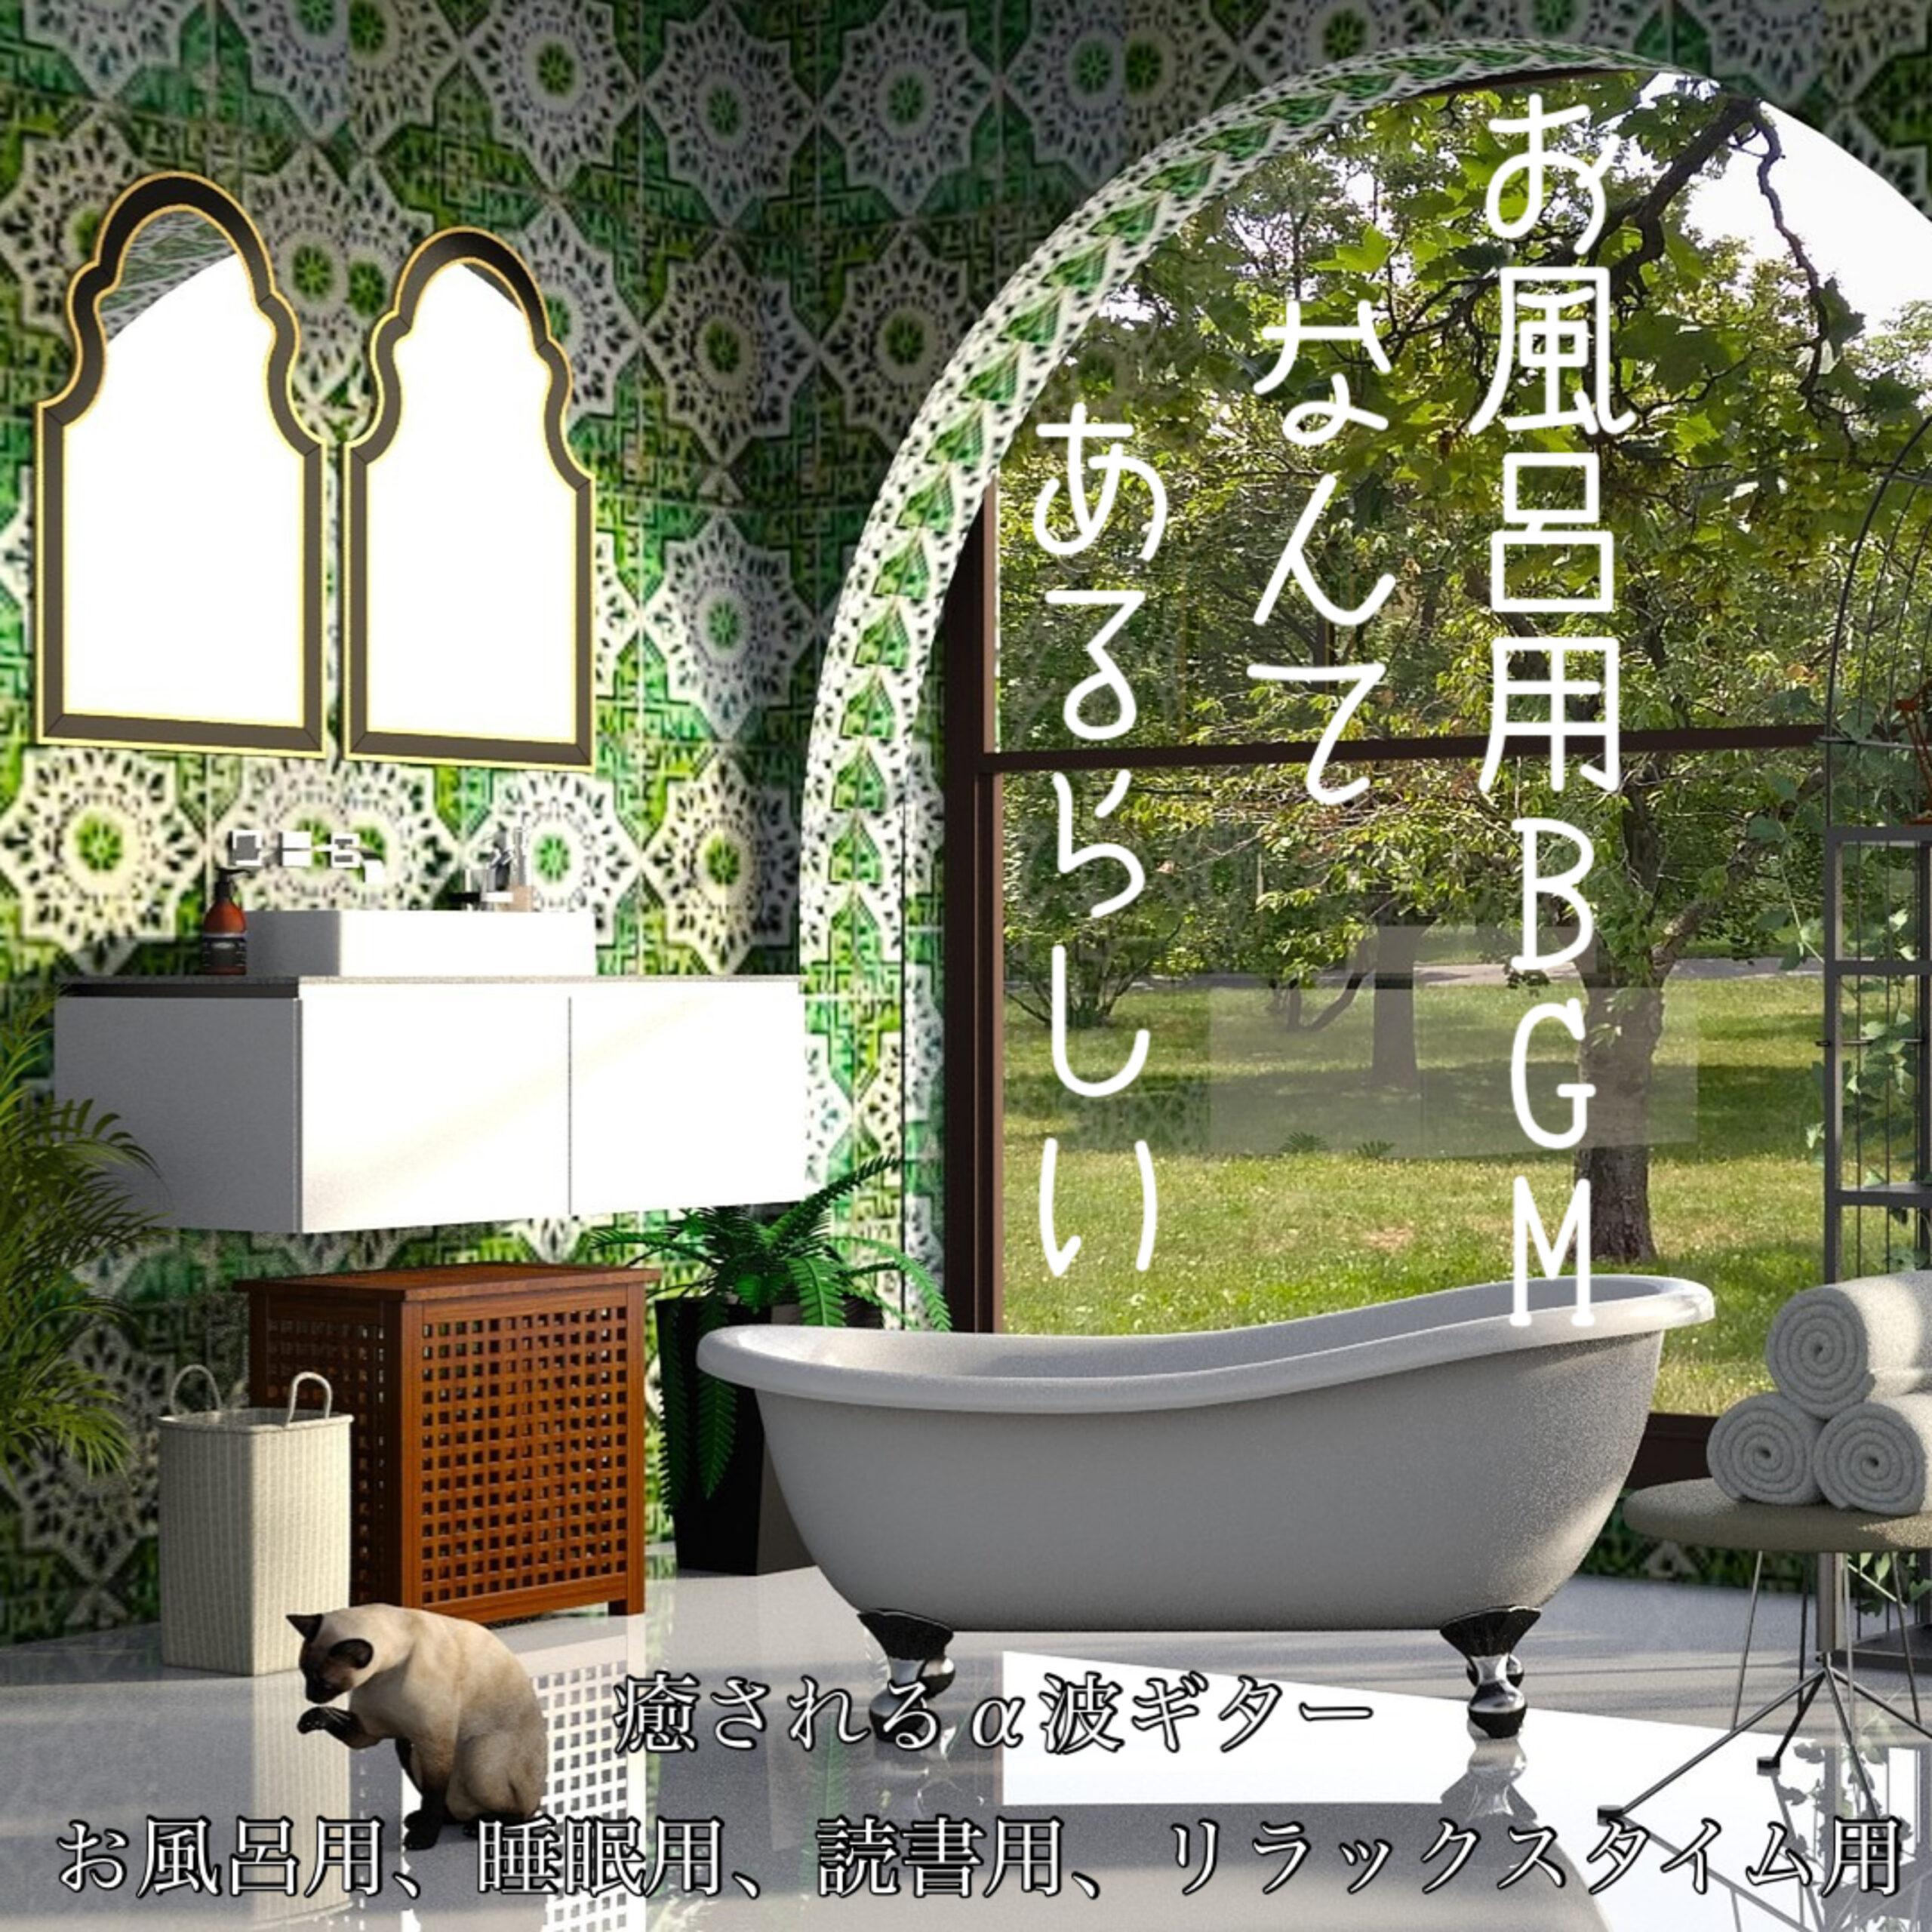 お風呂用BGMなんてあるらしい 癒されるα波ギター お風呂用、睡眠用、読書用、リラックスタイム用